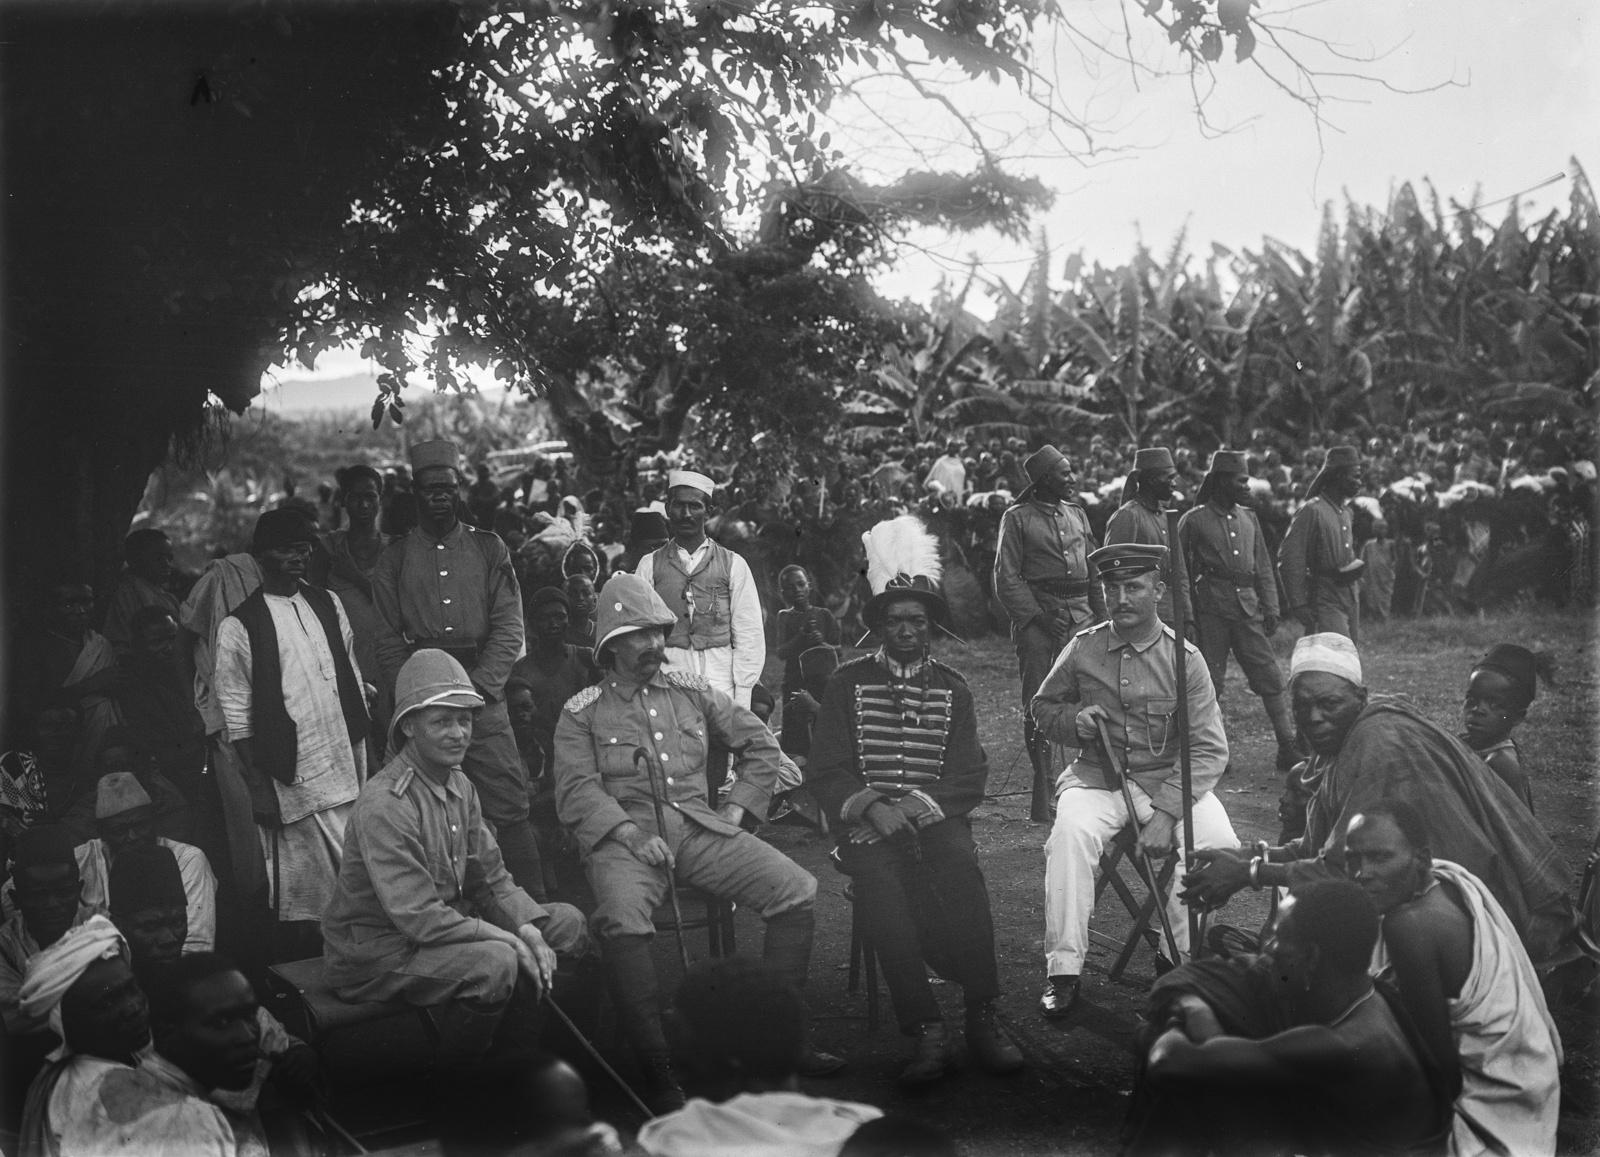 74. Встреча в Марангу. На стульях сидят (слева направо) граф Ганс Германн фон Швайниц, вождь племени чагга в военной форме, капитан Курт Йоханнес и другие люди